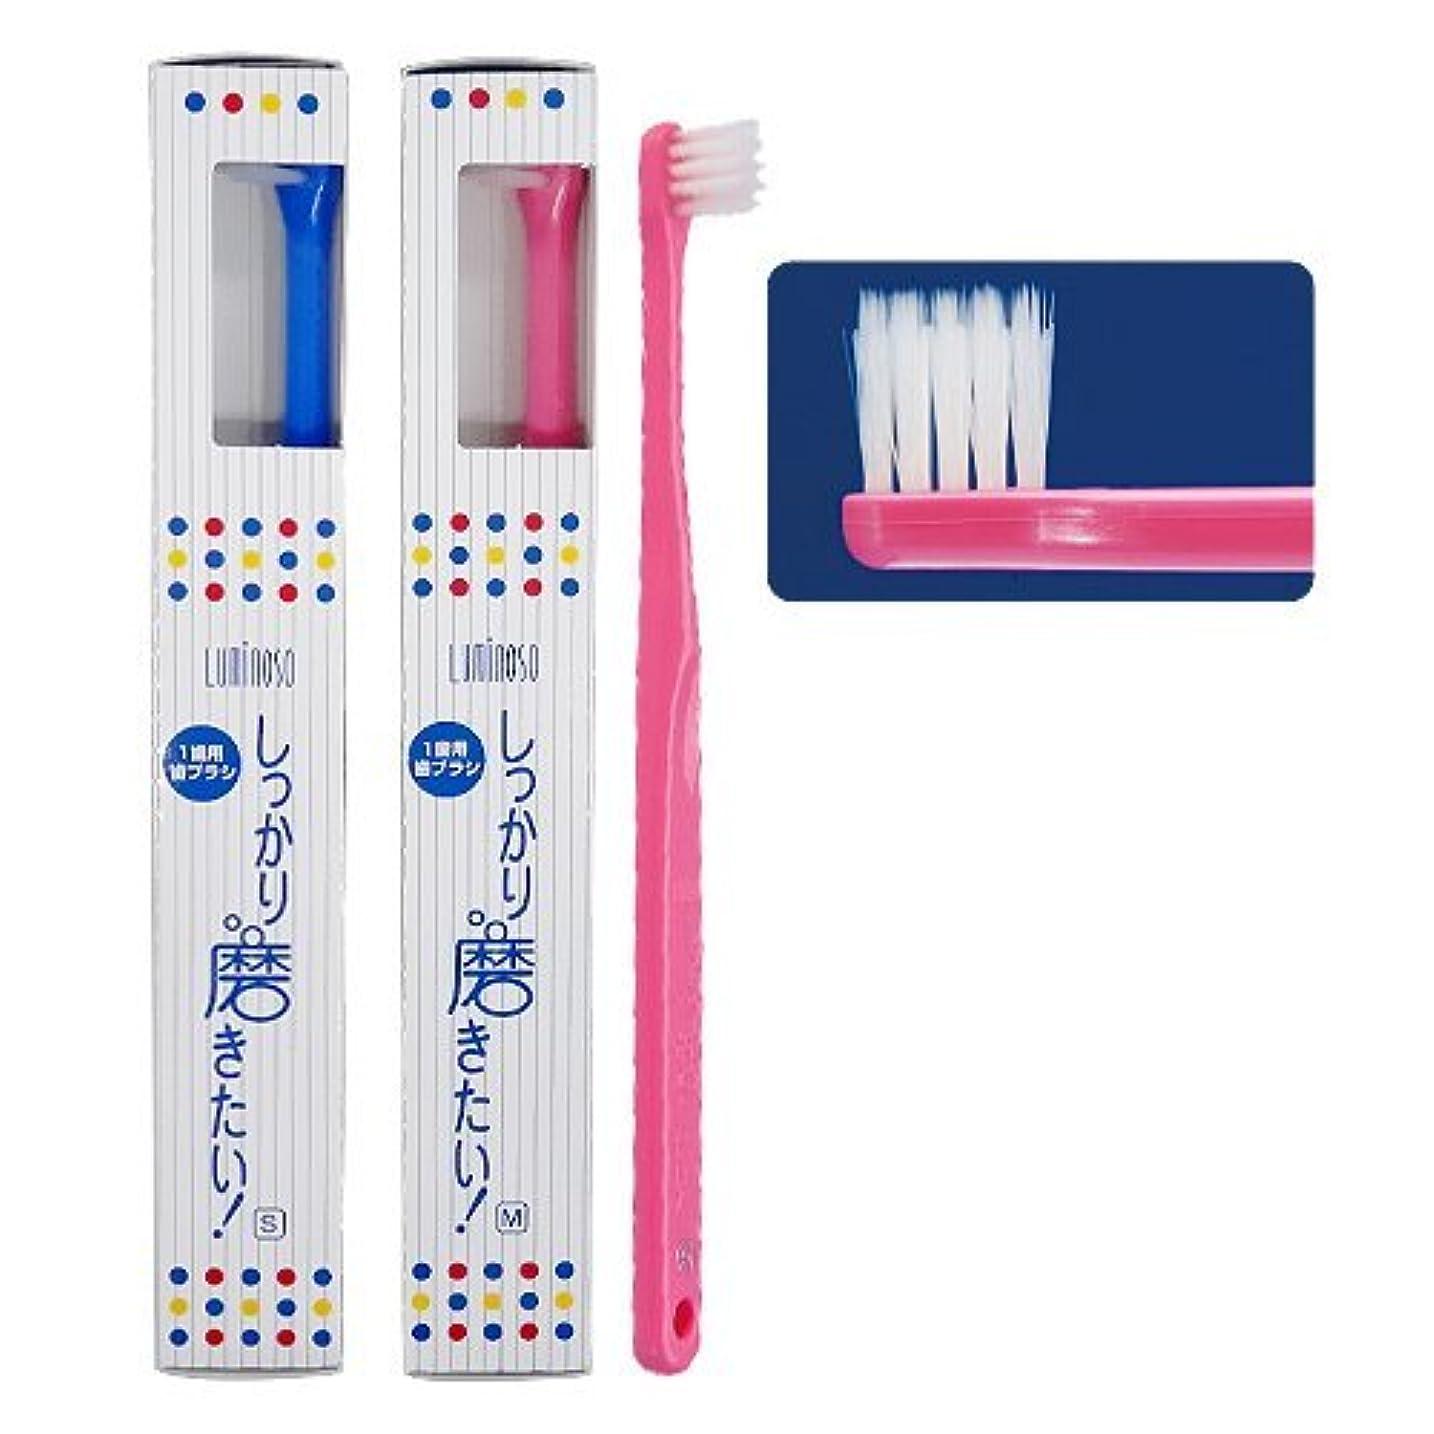 ヒップ荒れ地添付ルミノソ 1歯用歯ブラシ「しっかり磨きたい!」スタンダード ミディアム (カラー指定不可) 5本